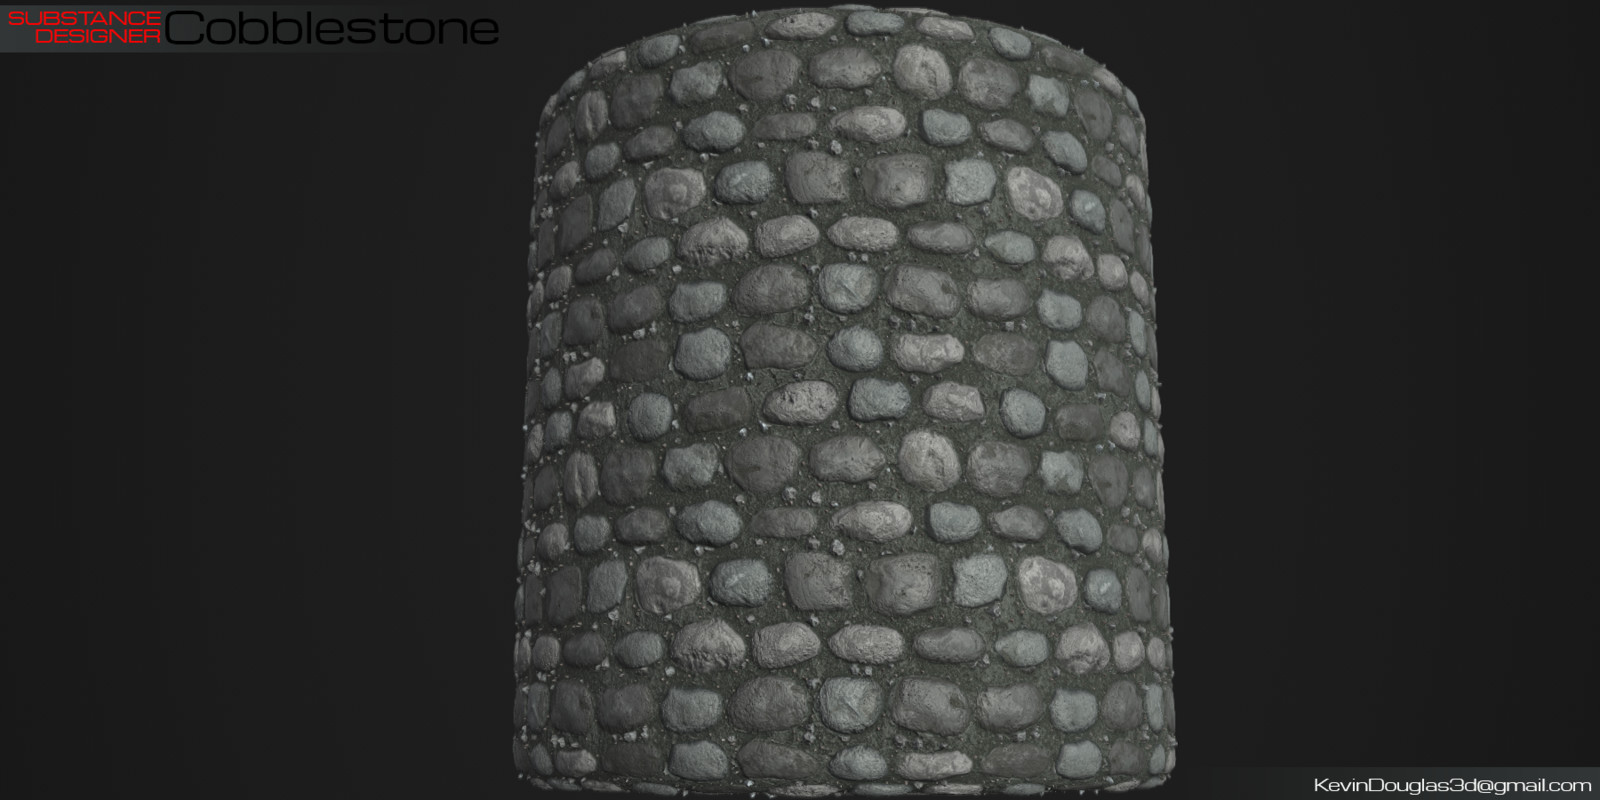 Cobblestones alt